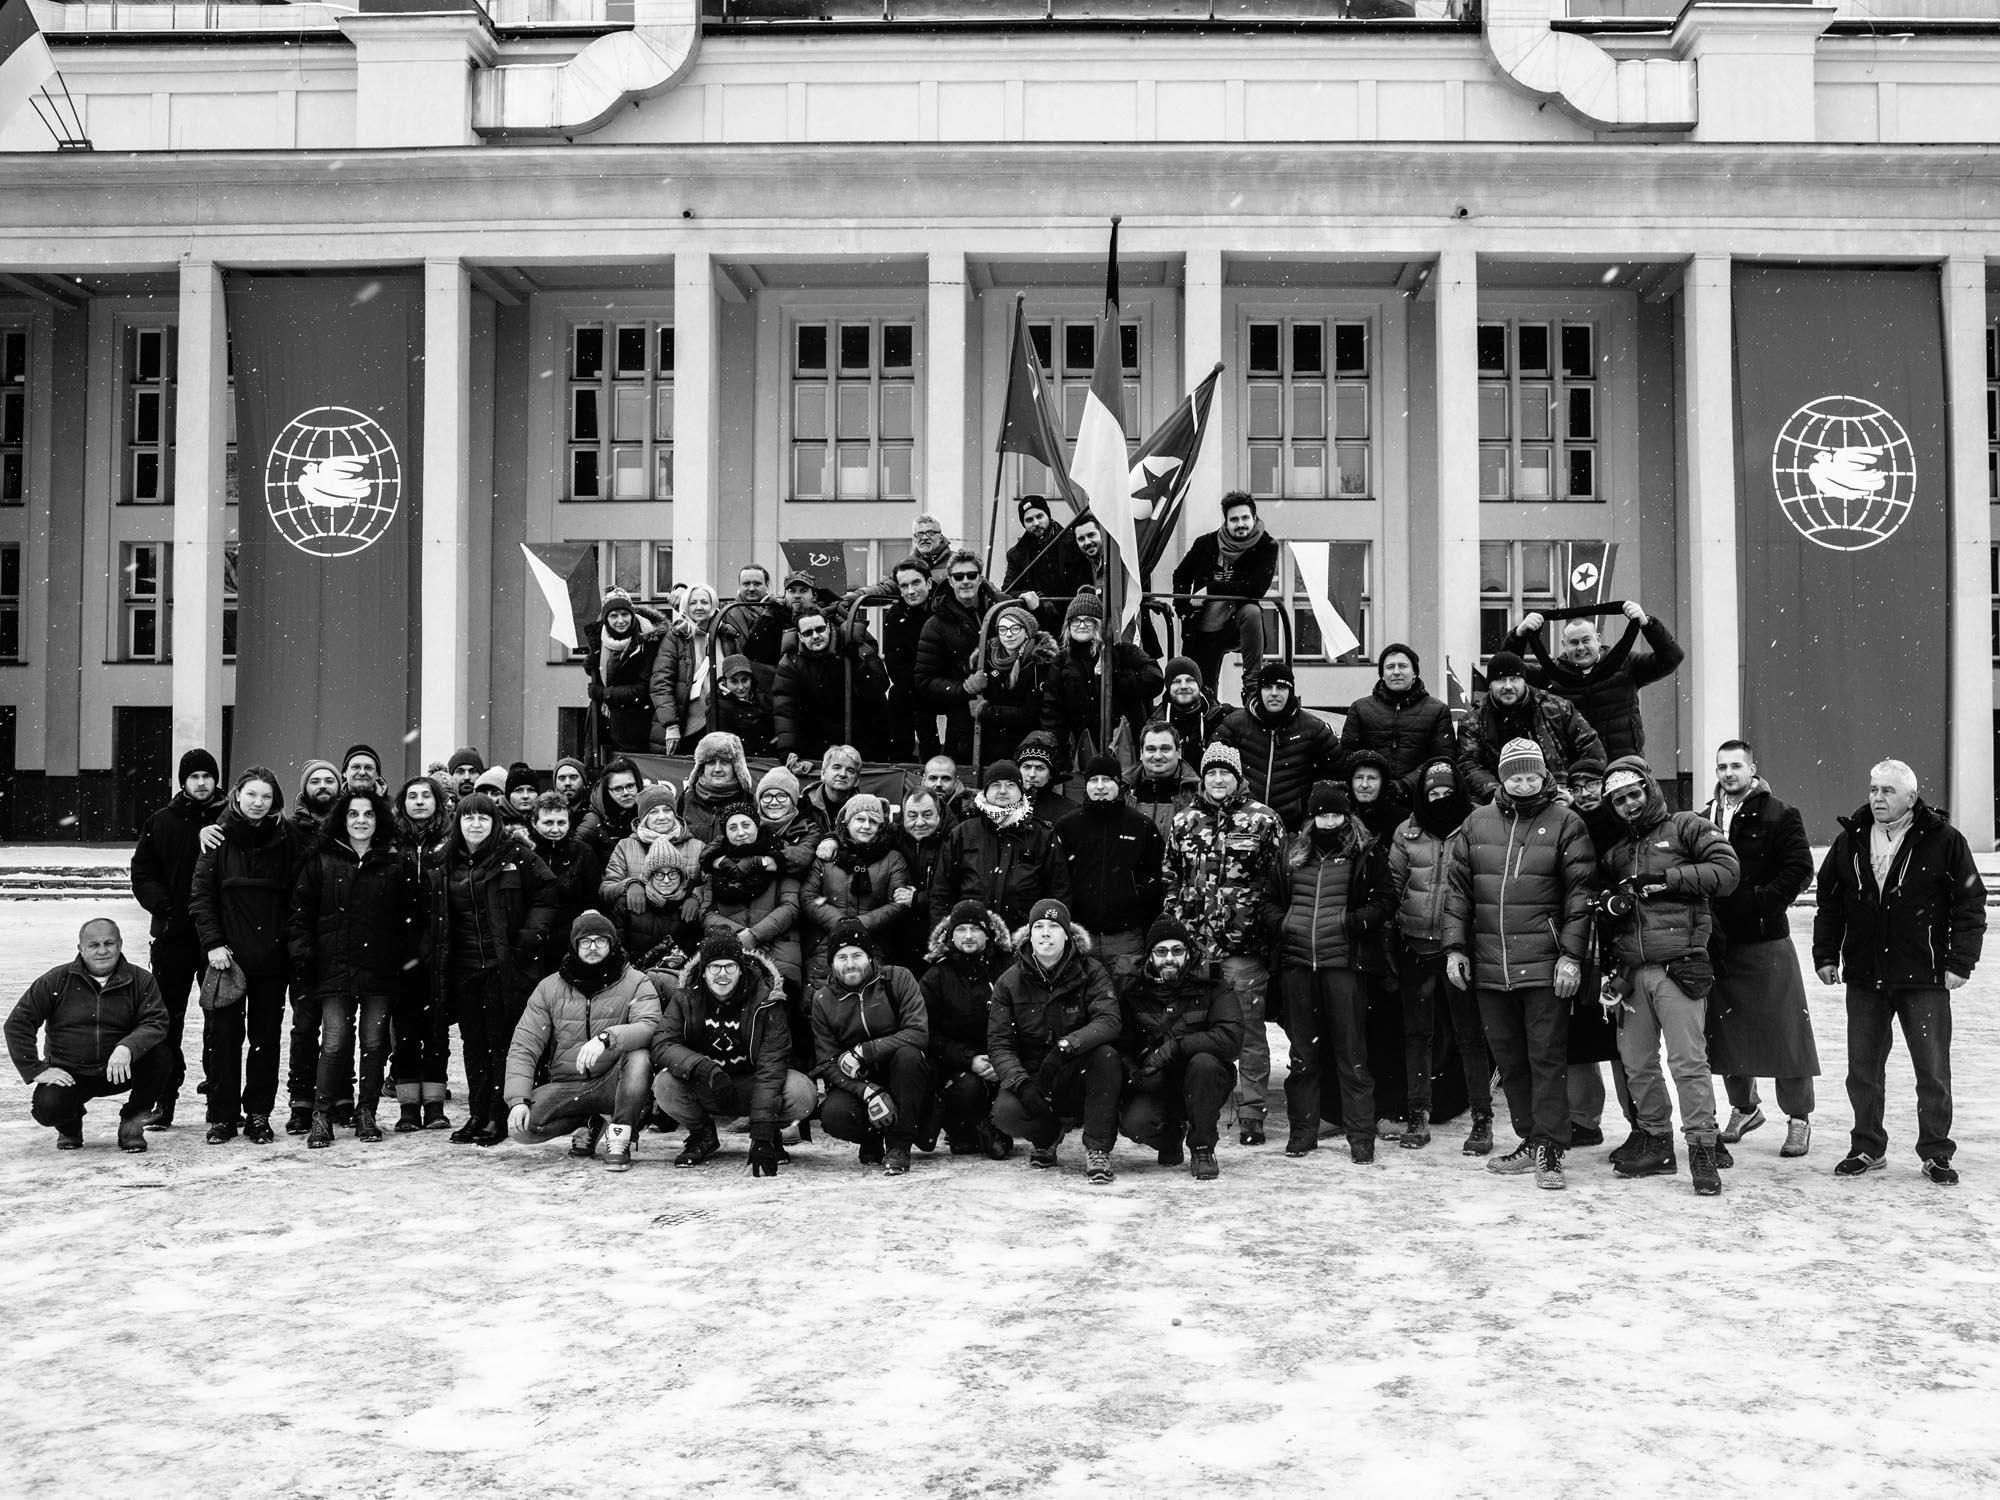 zimna wojna zdjęcie grupowe